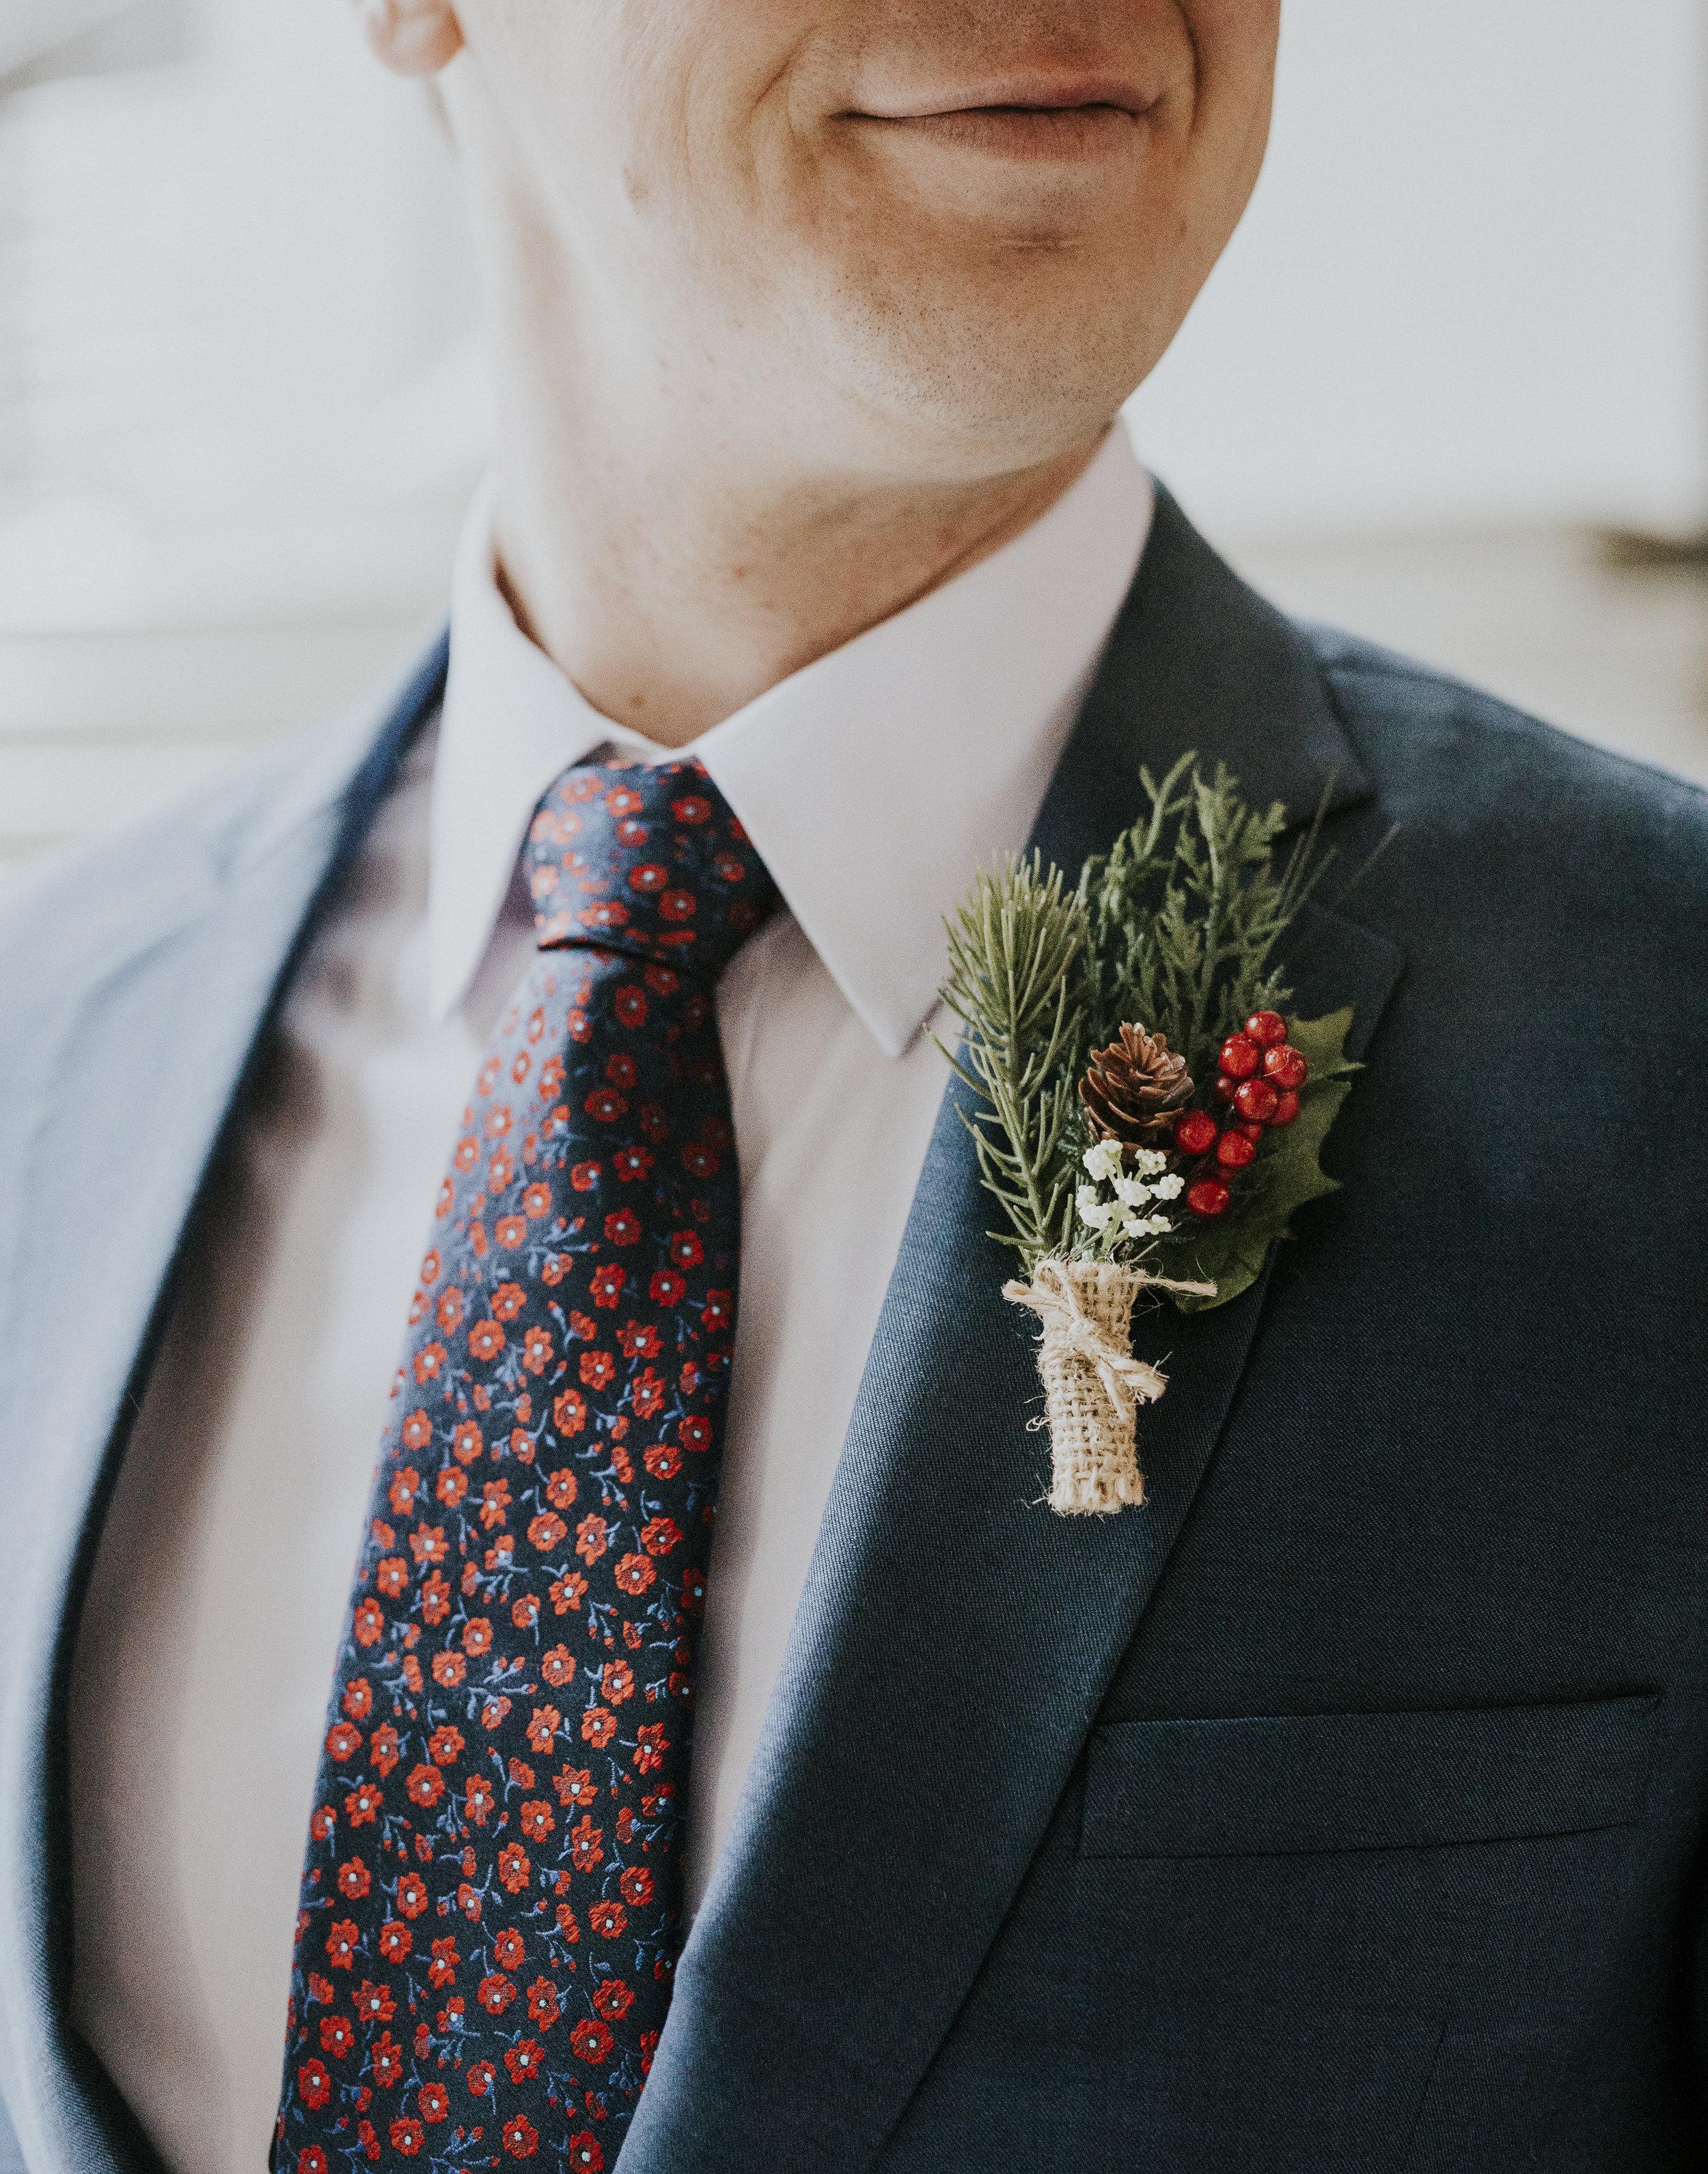 001_Bride + Groom Portraits-021.jpg